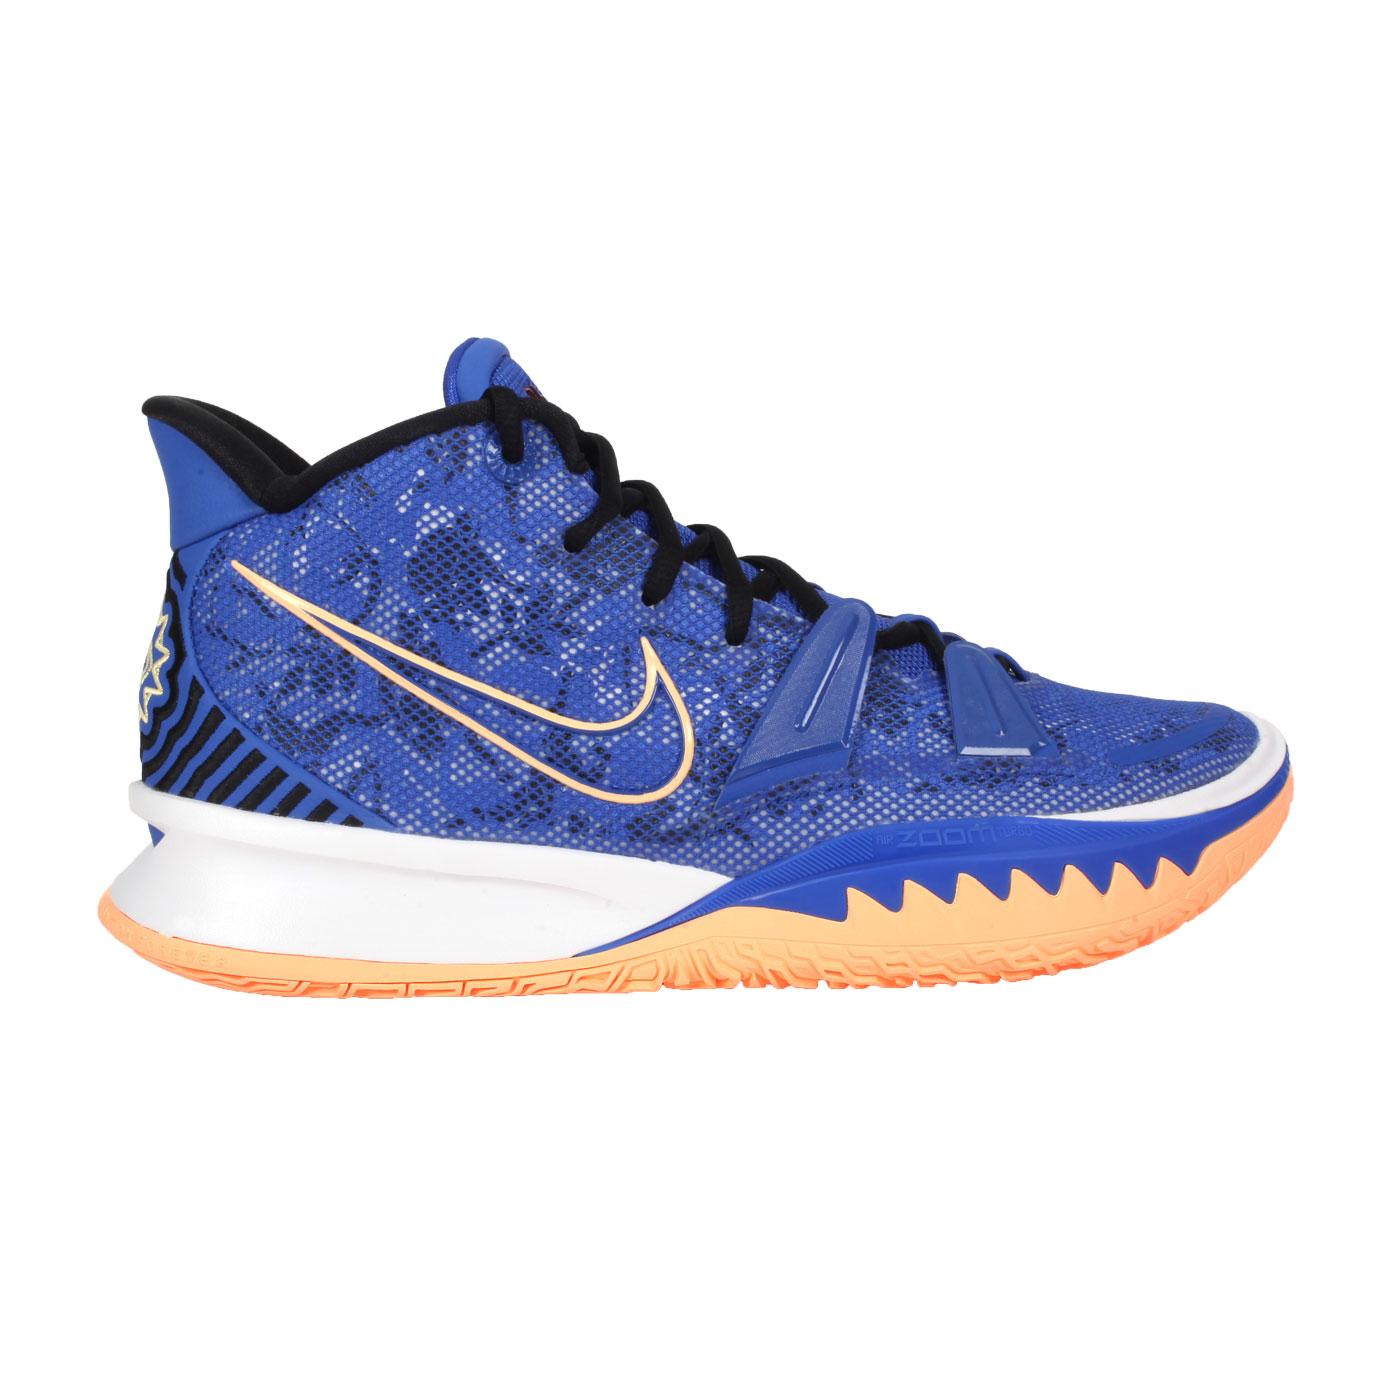 NIKE 男款籃球鞋  @KYRIE 7 EP@CQ9327400 - 藍橘